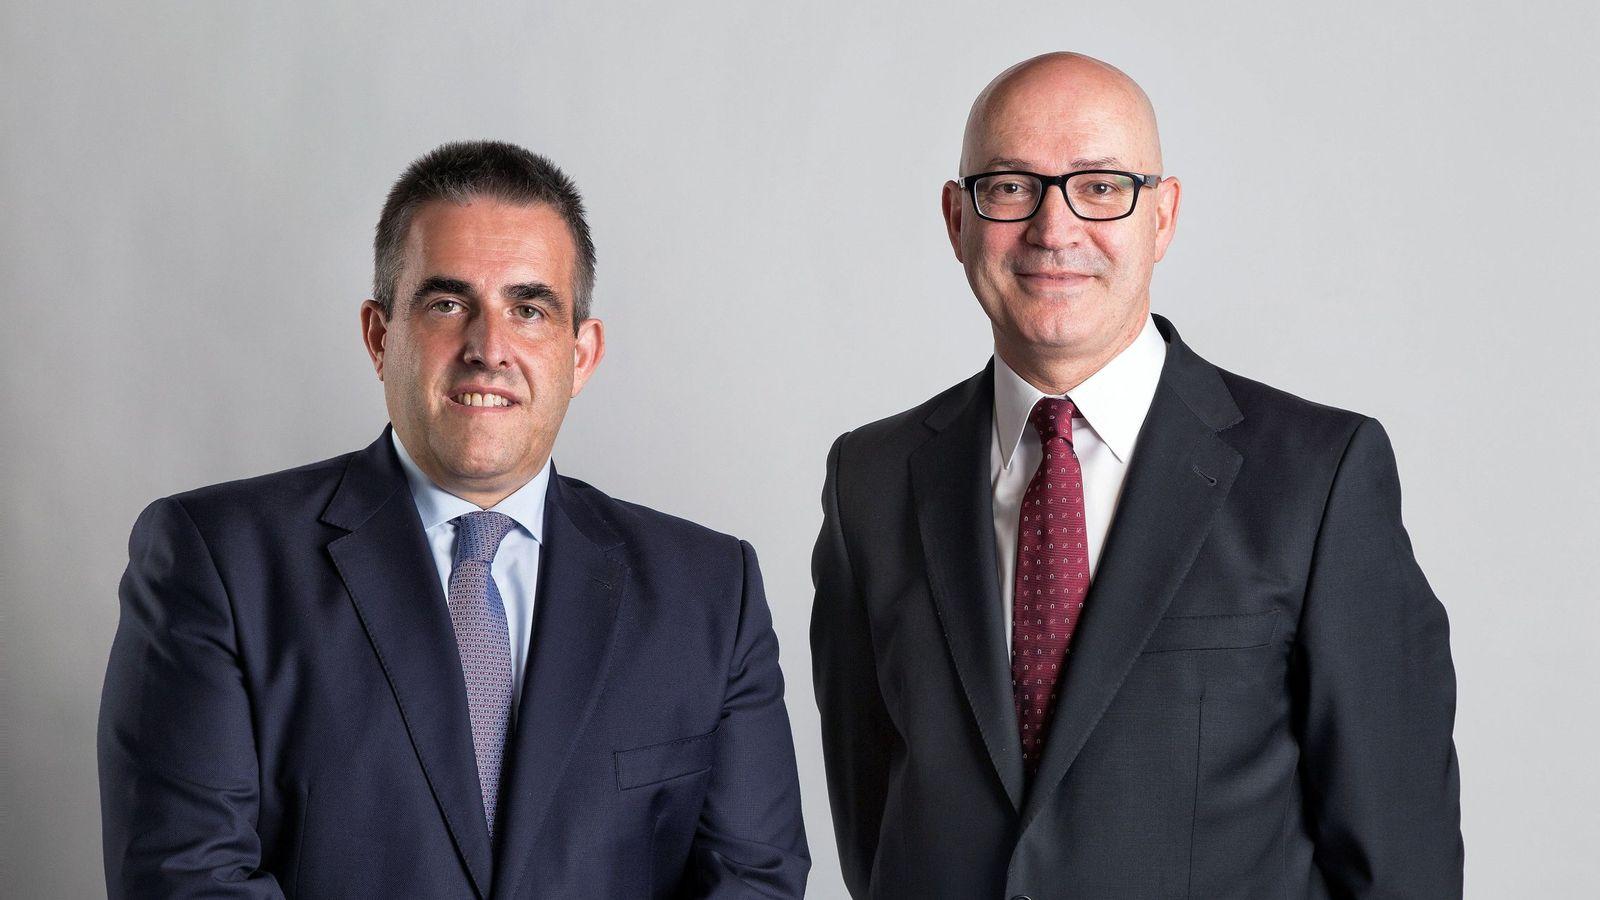 Foto: Fotografía facilitada por El Corte Inglés del consejero delegado, Víctor del Pozo, y el presidente de los grandes almancenes, Jesús Nuño de la Rosa. (EFE)